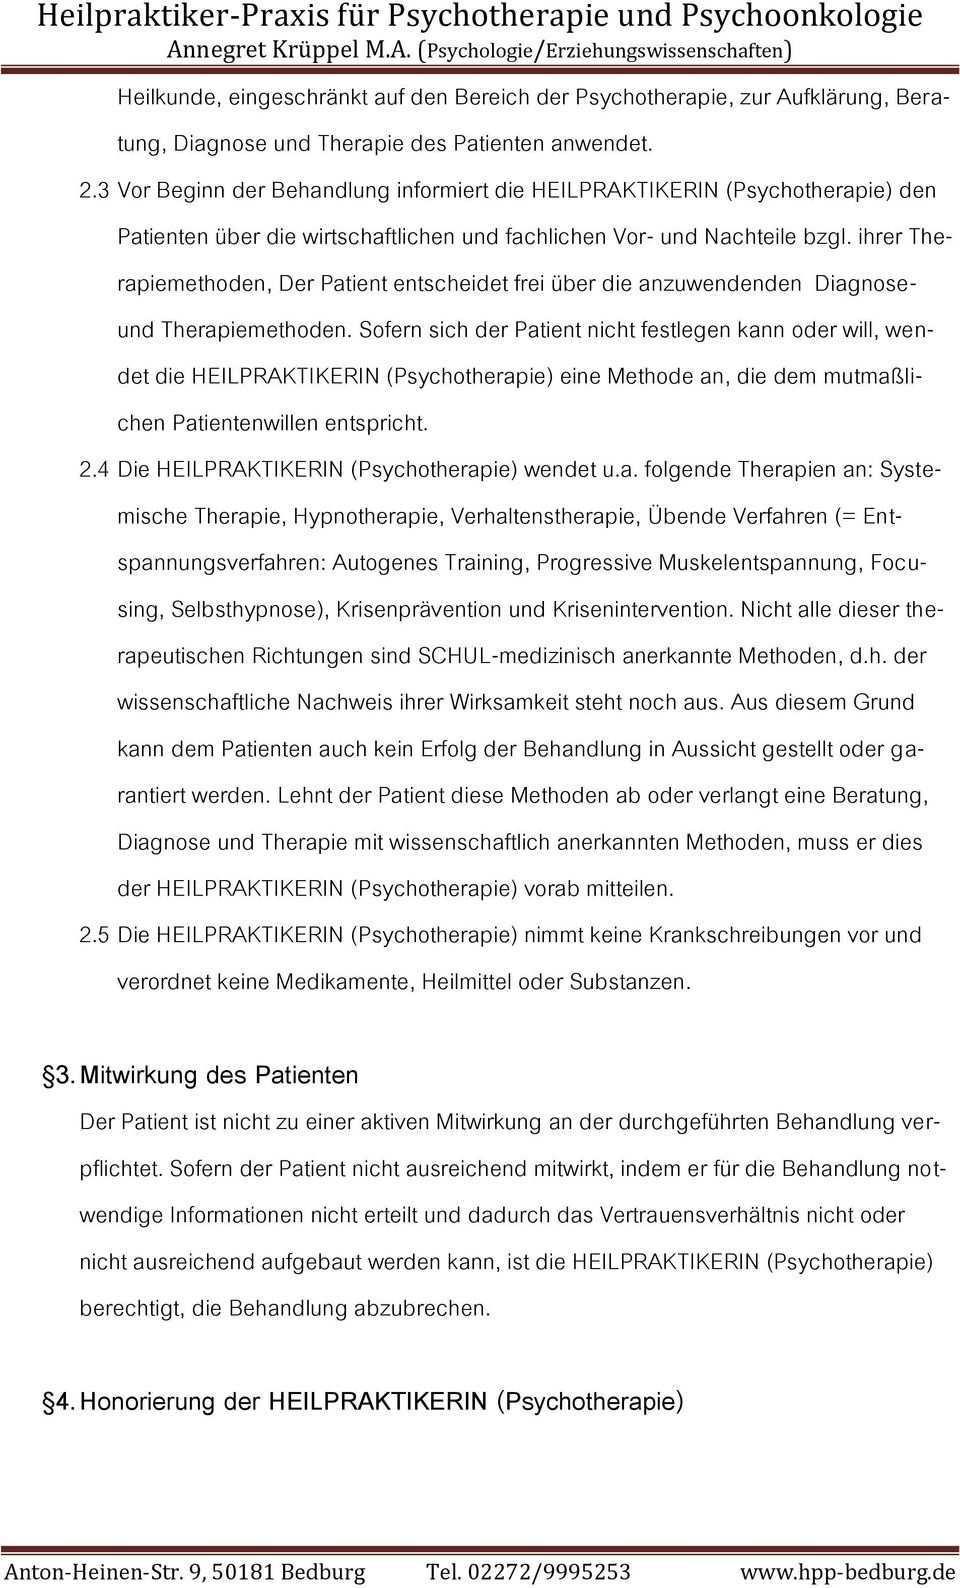 Agb Heilpraktiker Psychotherapie Bedburg Pdf Kostenfreier Download